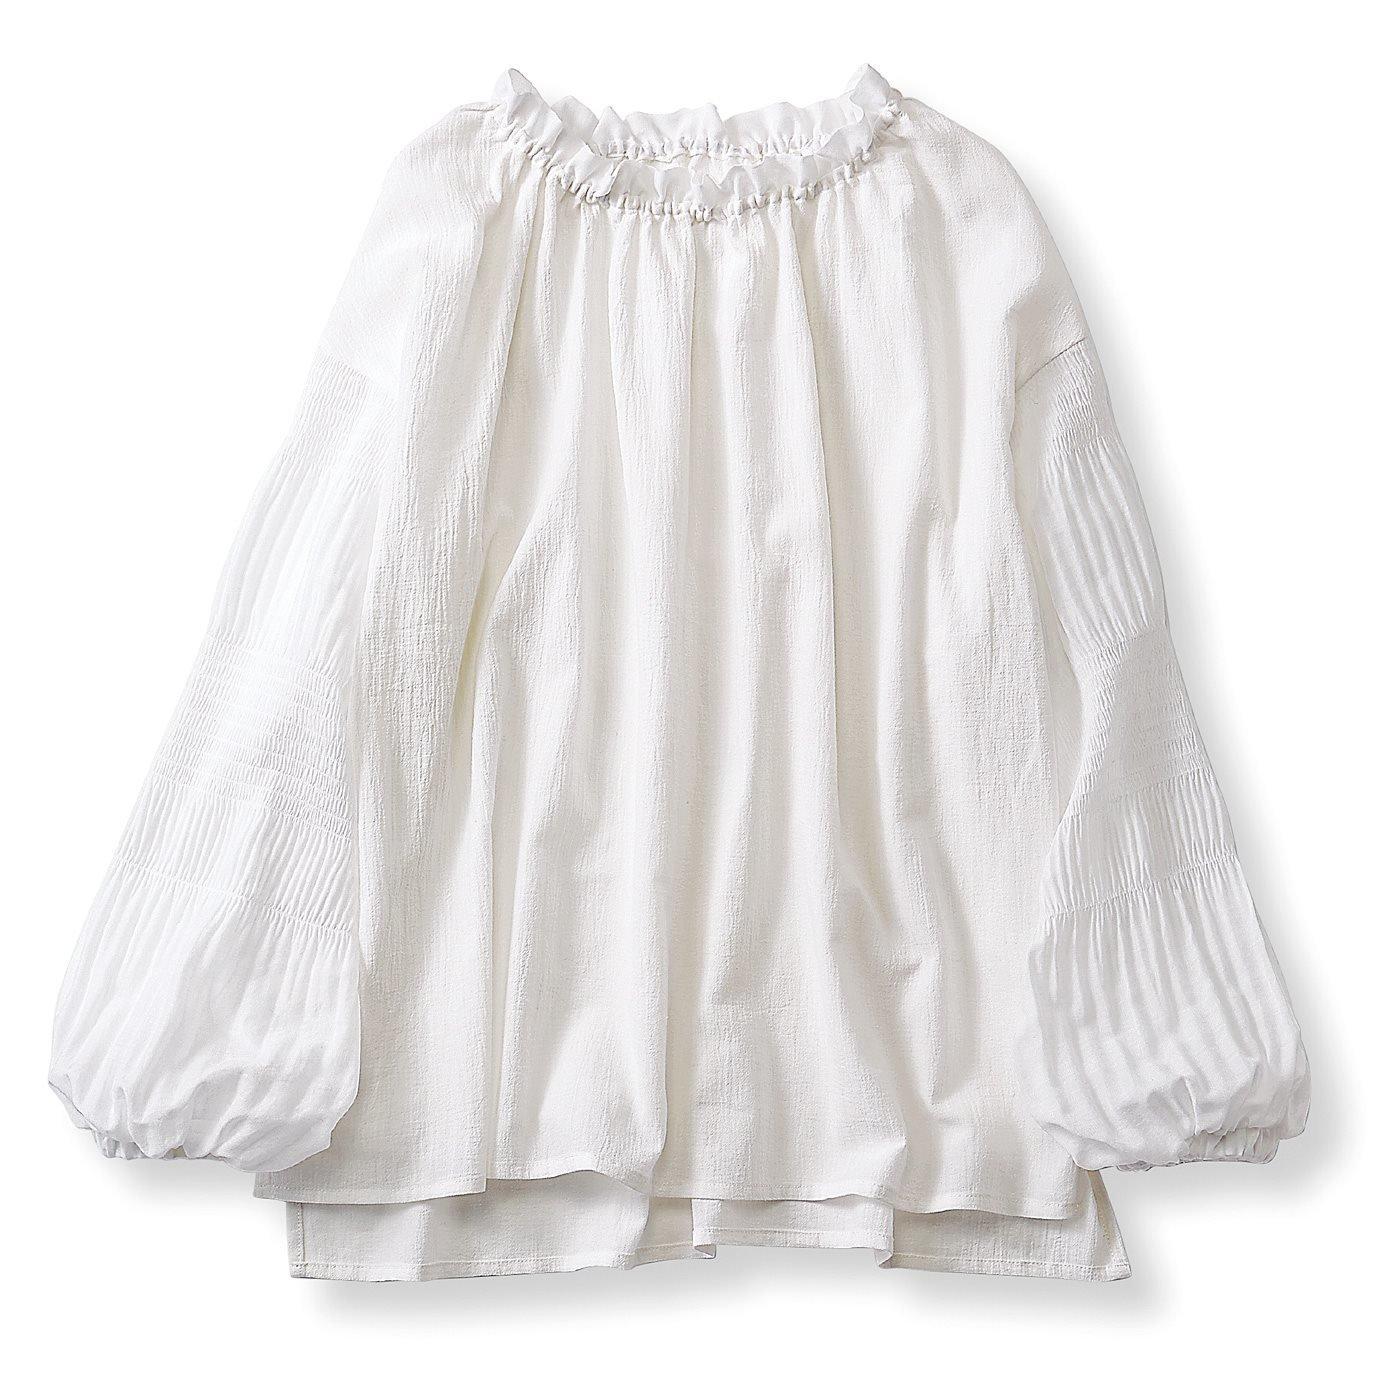 【3~10日でお届け】リブ イン コンフォート 衿ぐり伸びてサッと着やすい マジョリカプリーツをあしらったブラウス〈スノーホワイト〉